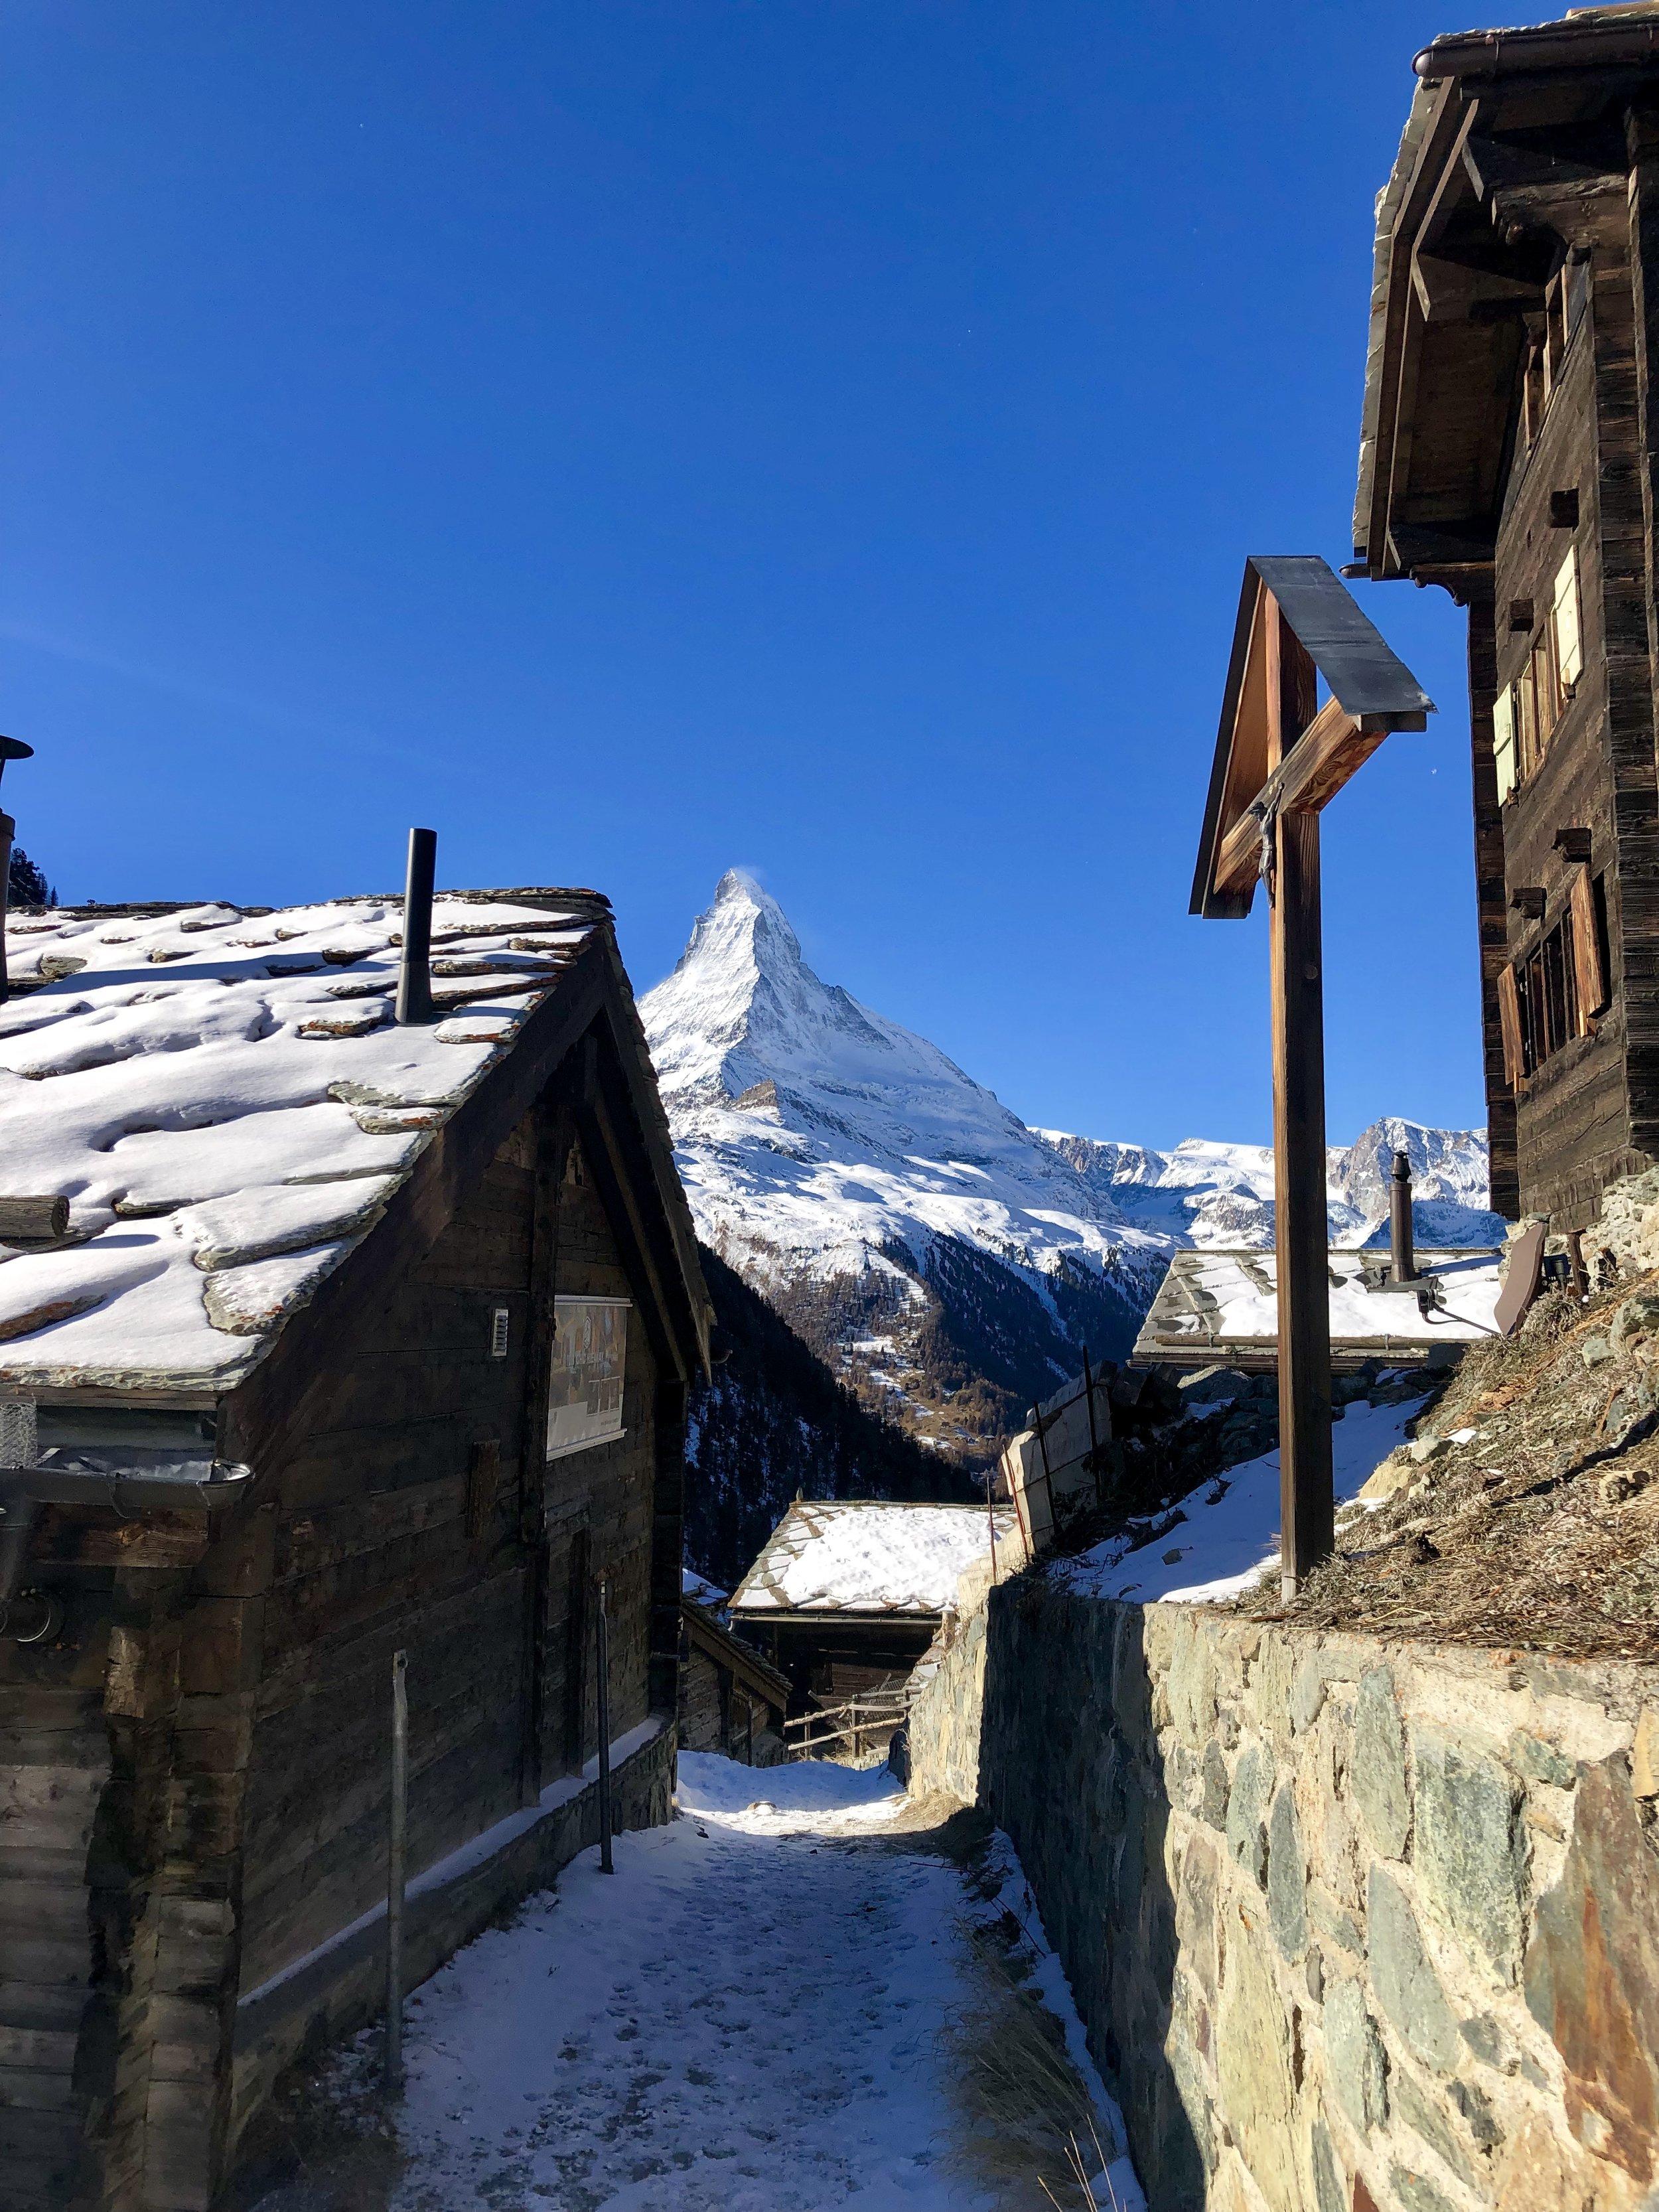 Town of Zermatt